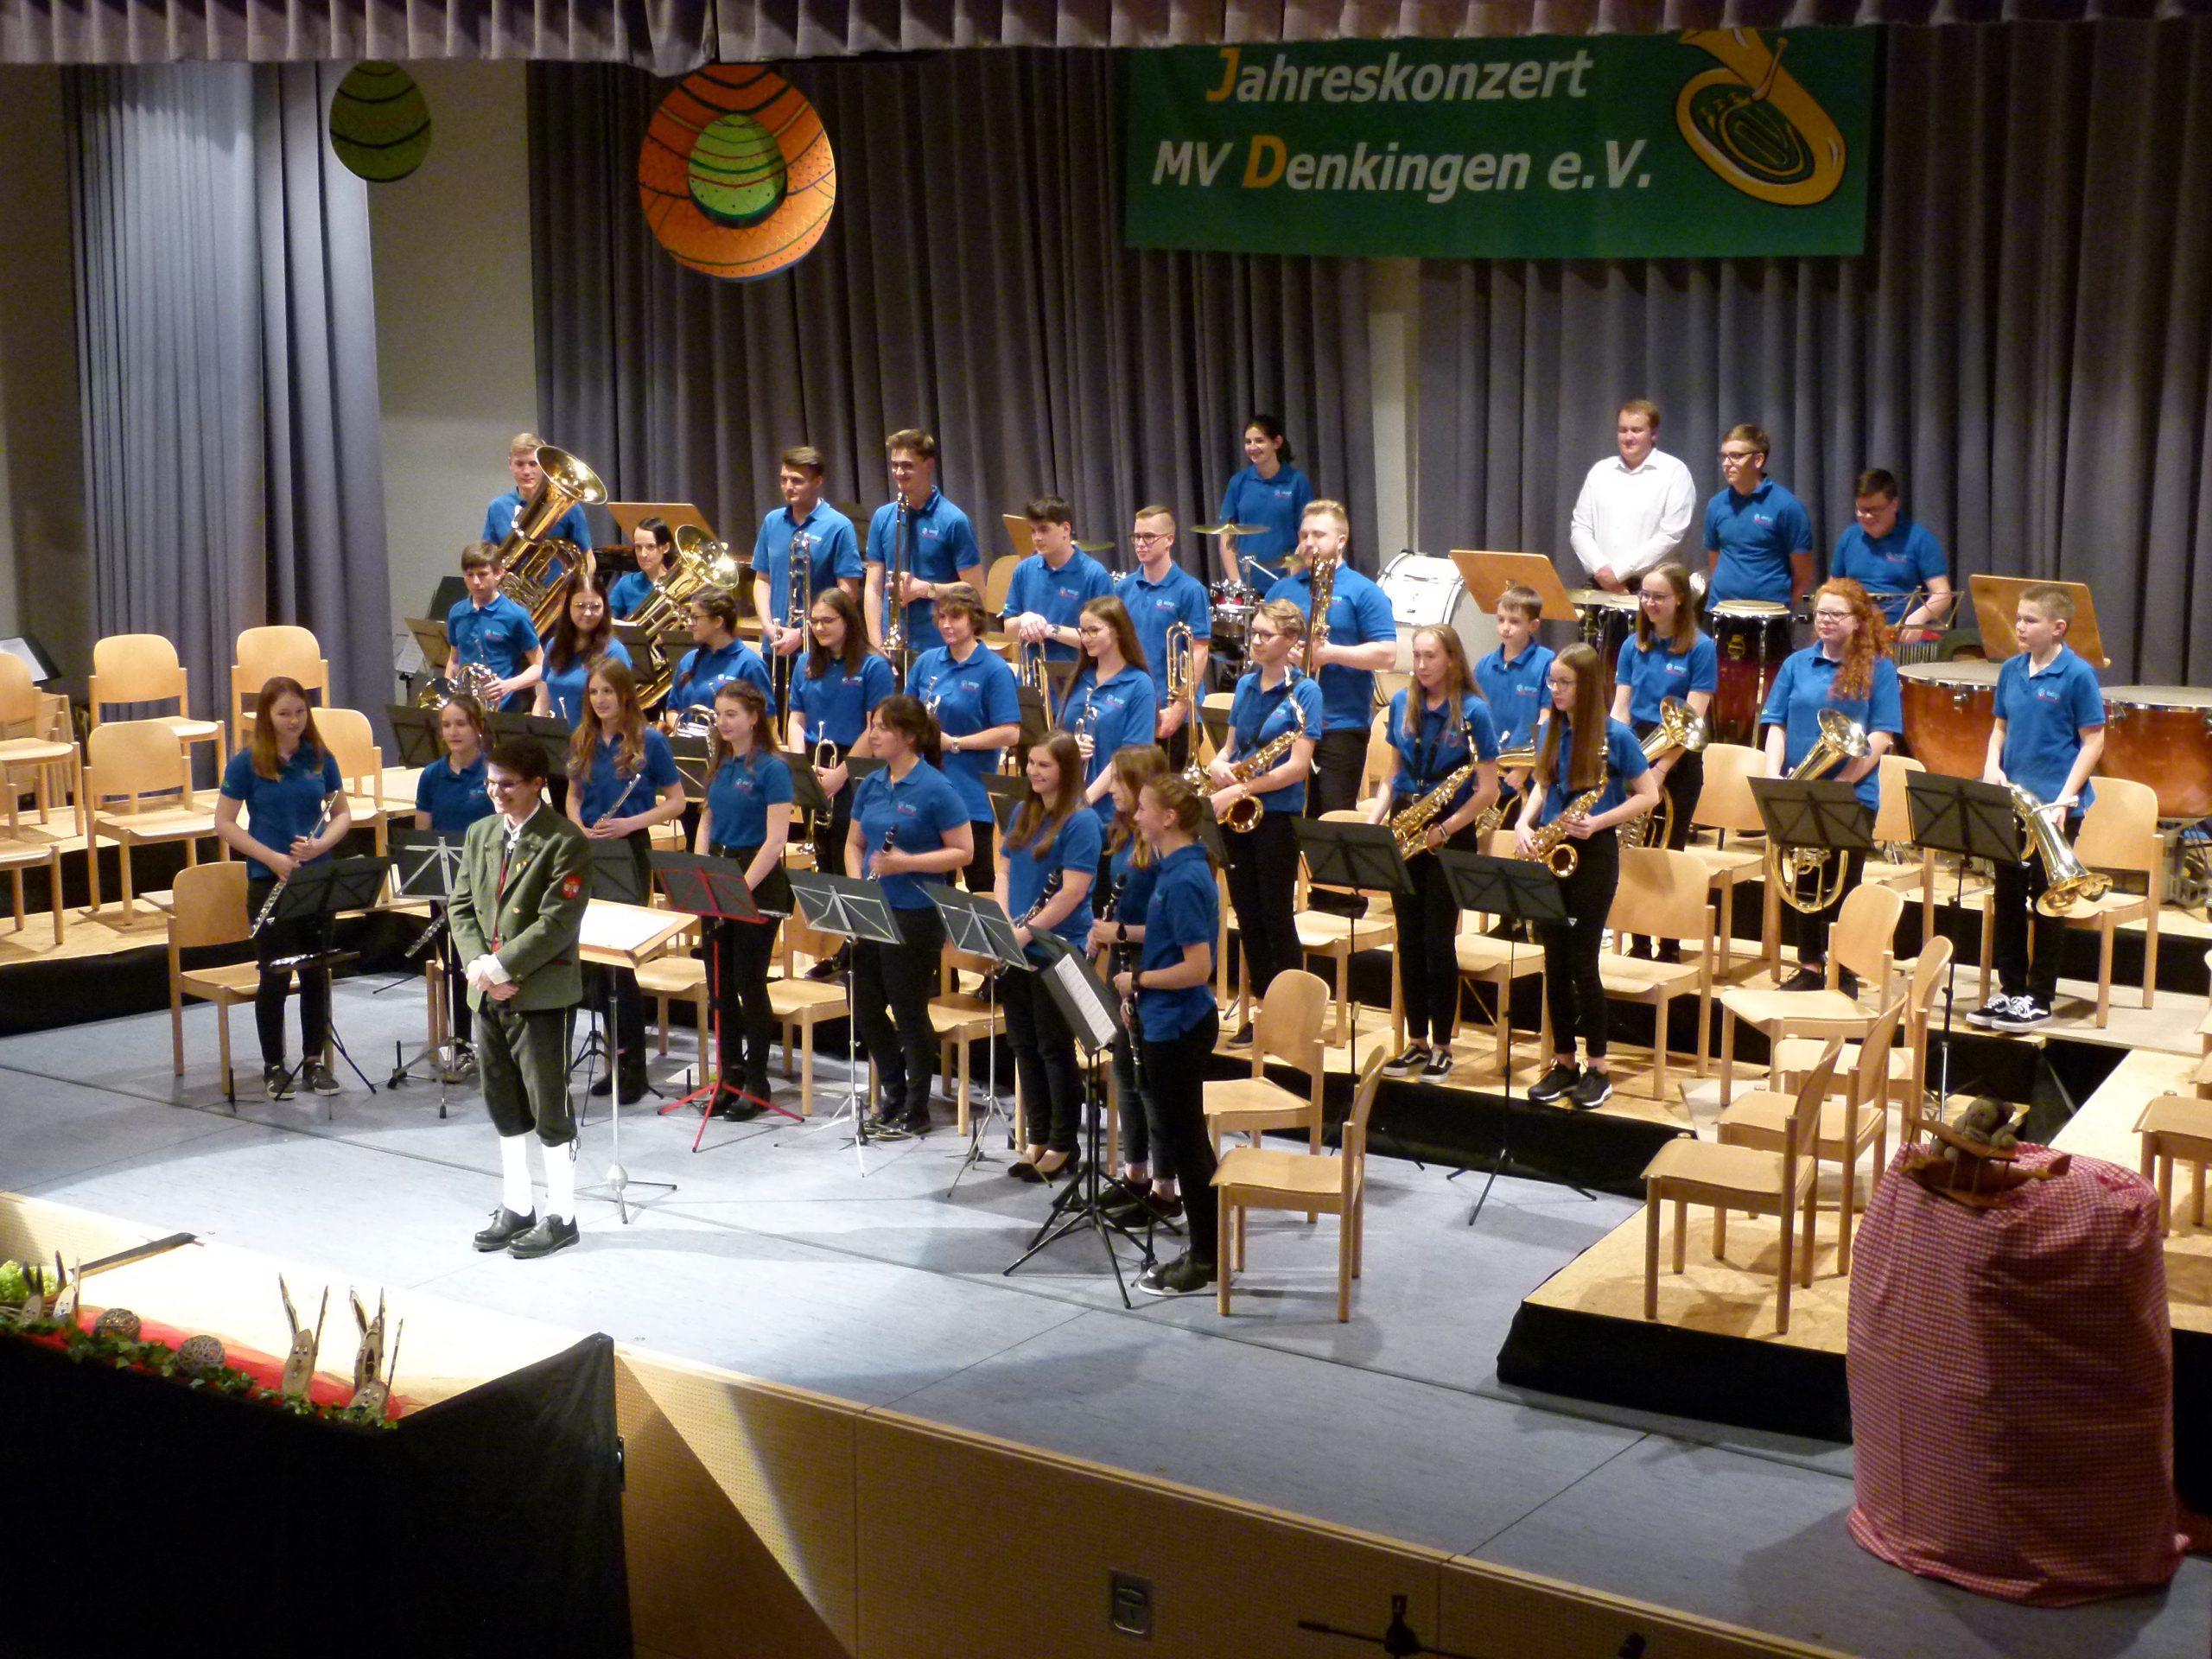 Unsere Jugendkapelle BuDe unter der Leitung von Tom Heilmann